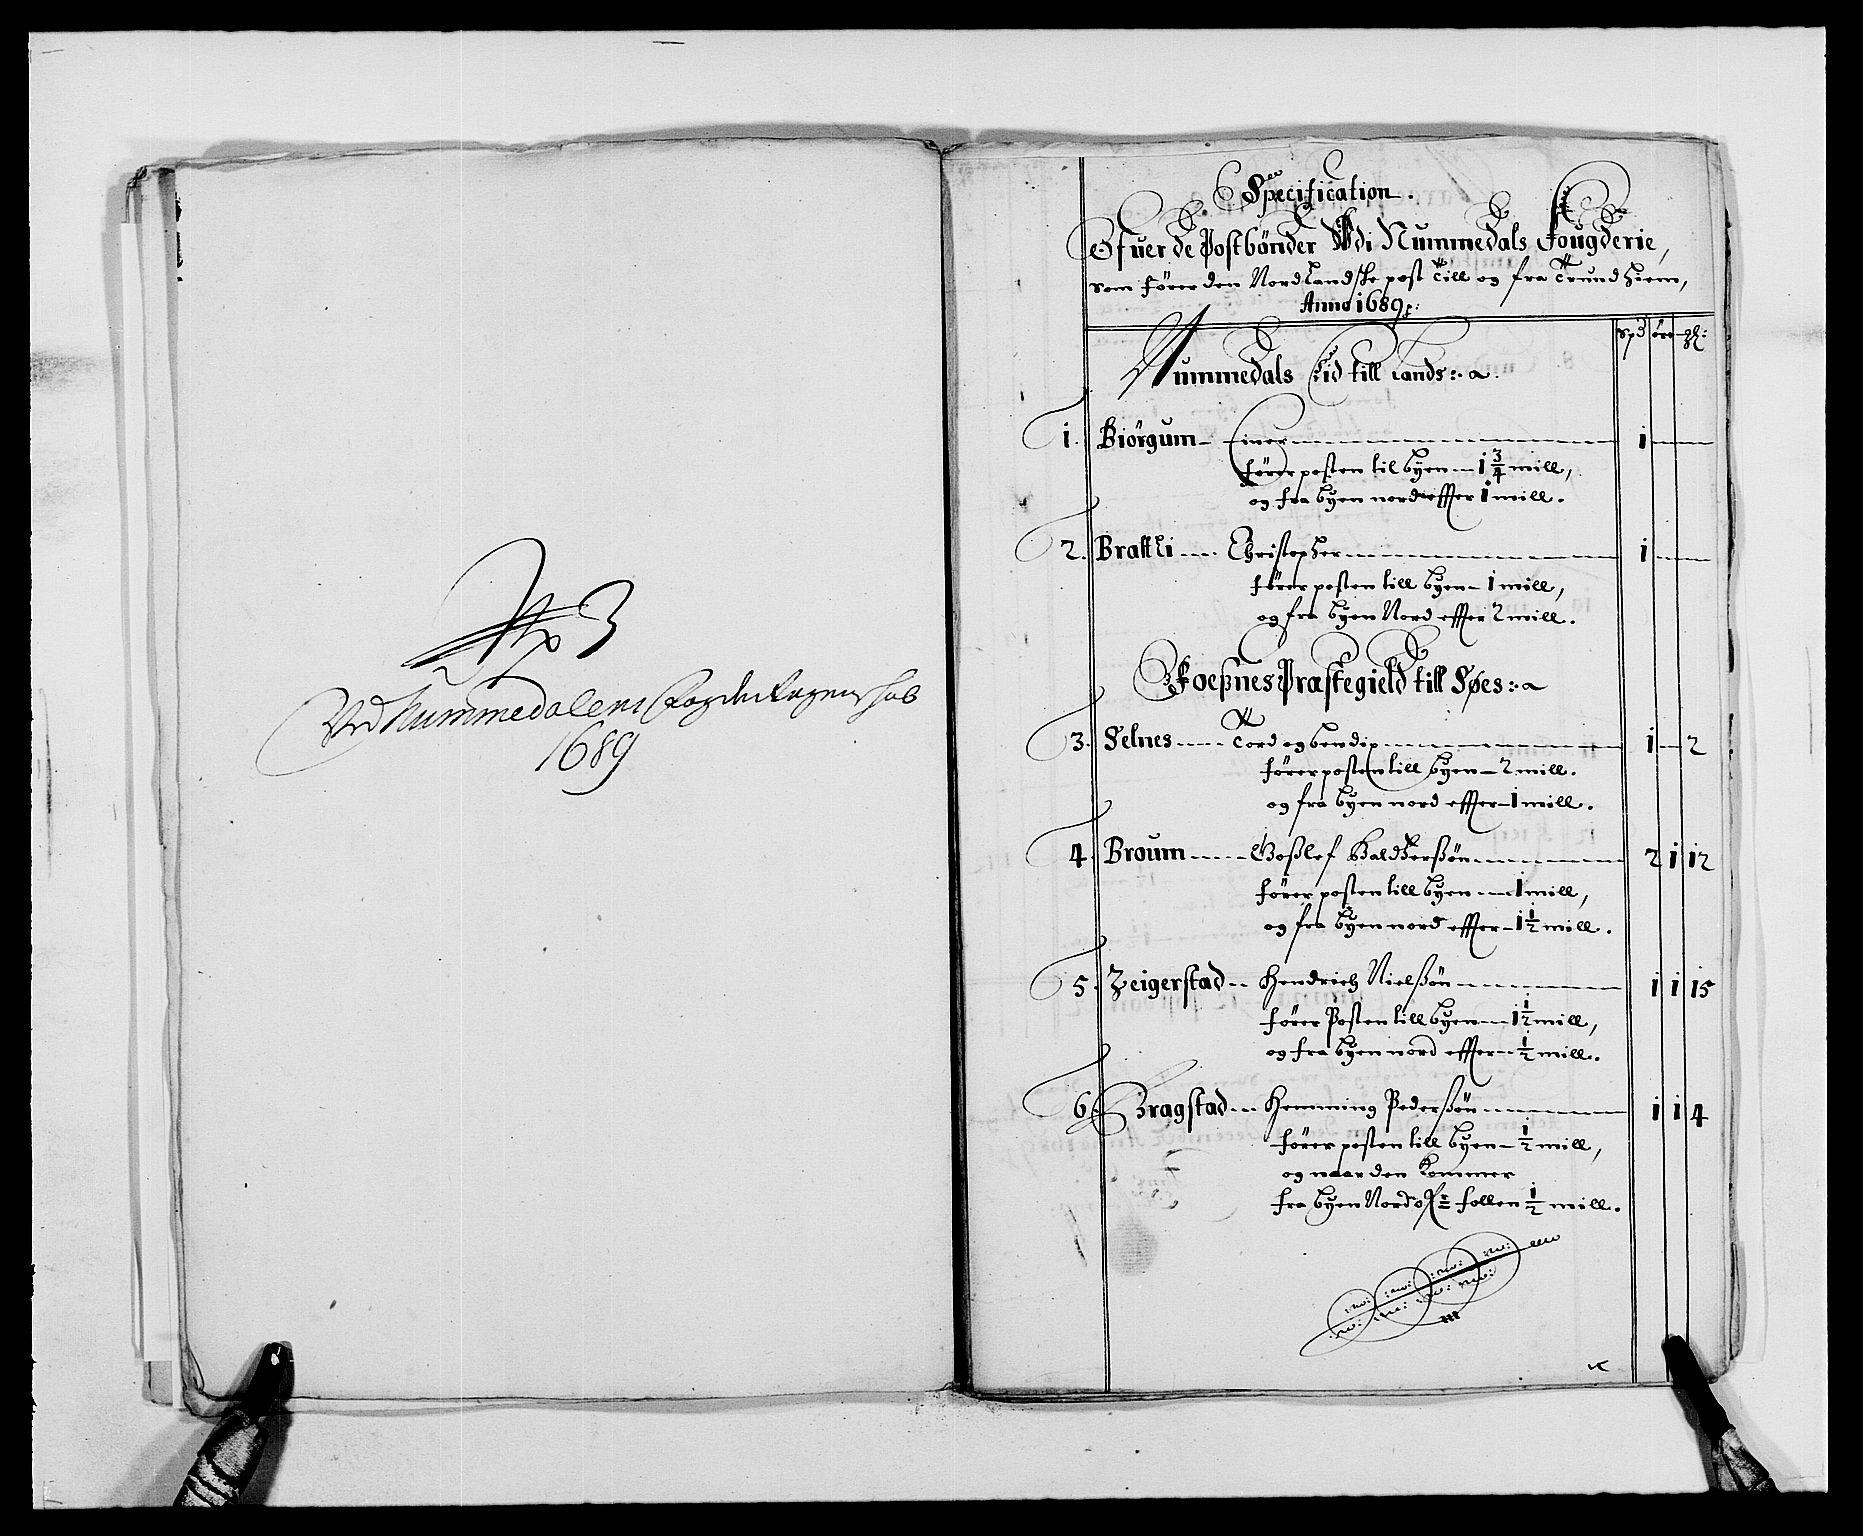 RA, Rentekammeret inntil 1814, Reviderte regnskaper, Fogderegnskap, R64/L4422: Fogderegnskap Namdal, 1687-1689, s. 295